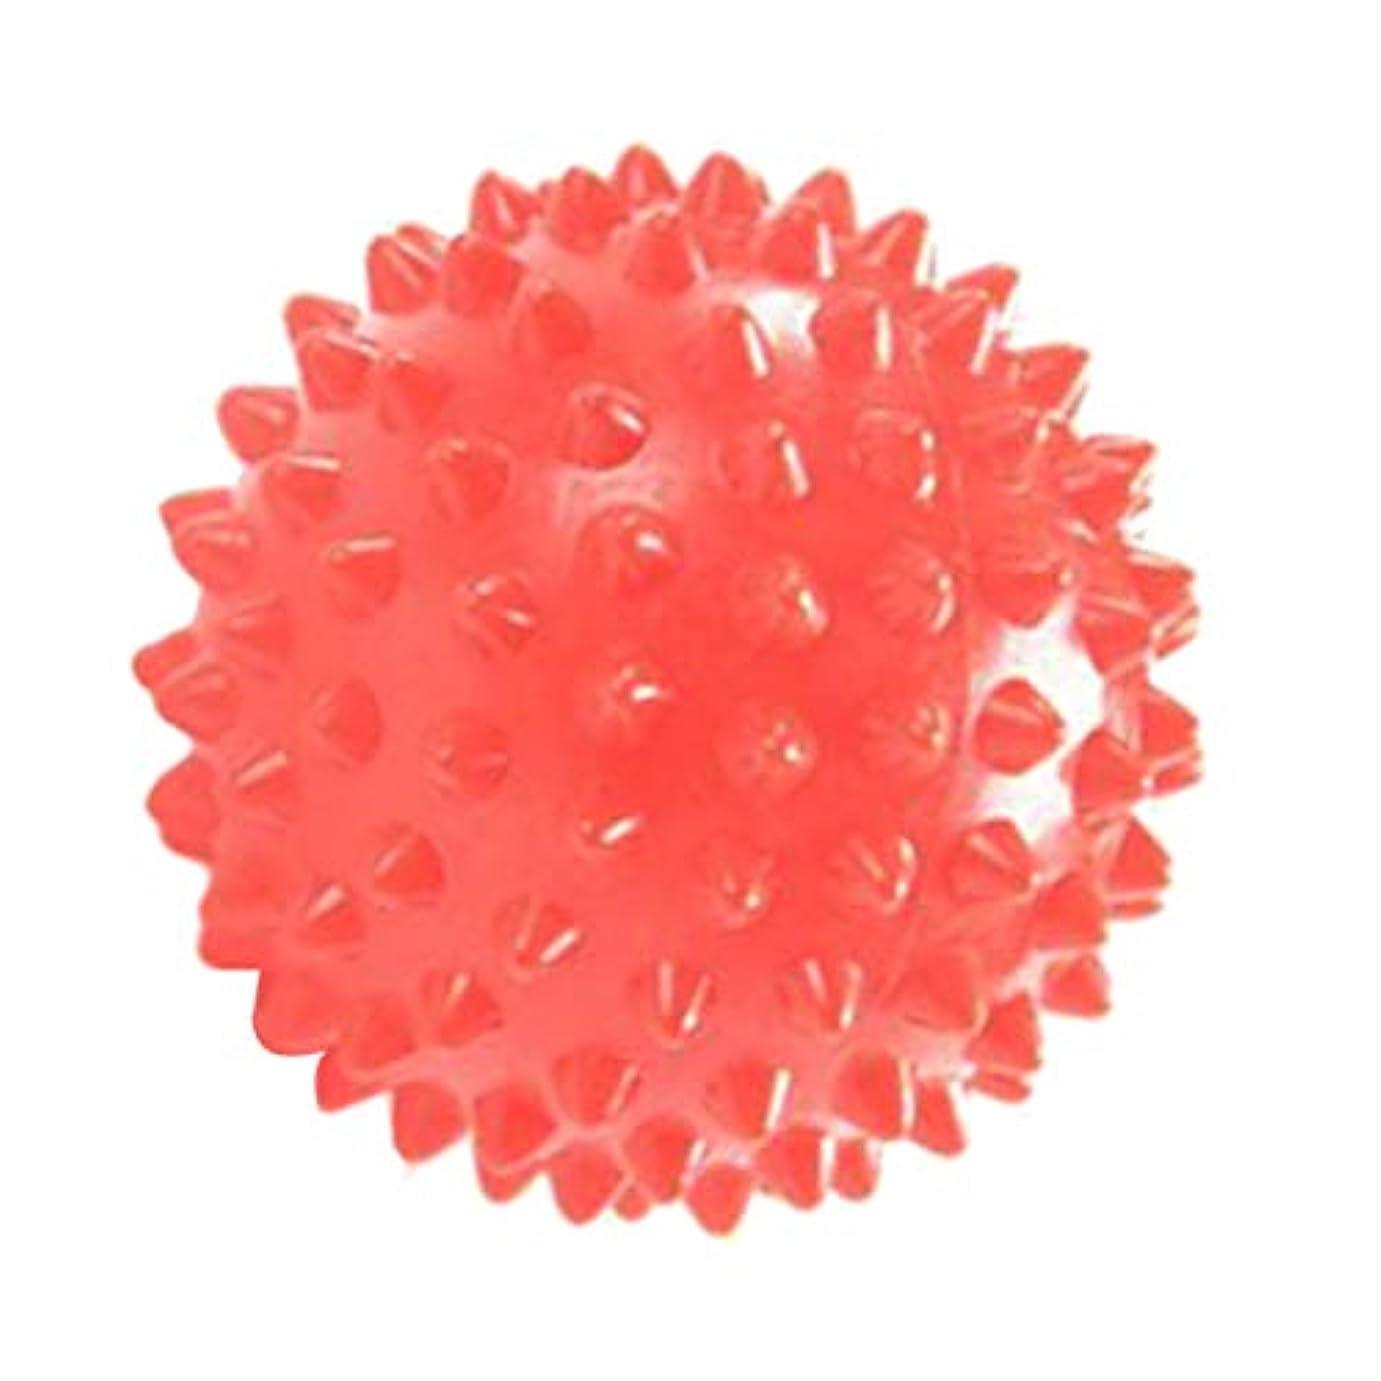 滑る長椅子刺激する指圧ボール 触覚ボール マッサージローラー ローラーボール 軽量 持ち運び便利 補助ツール